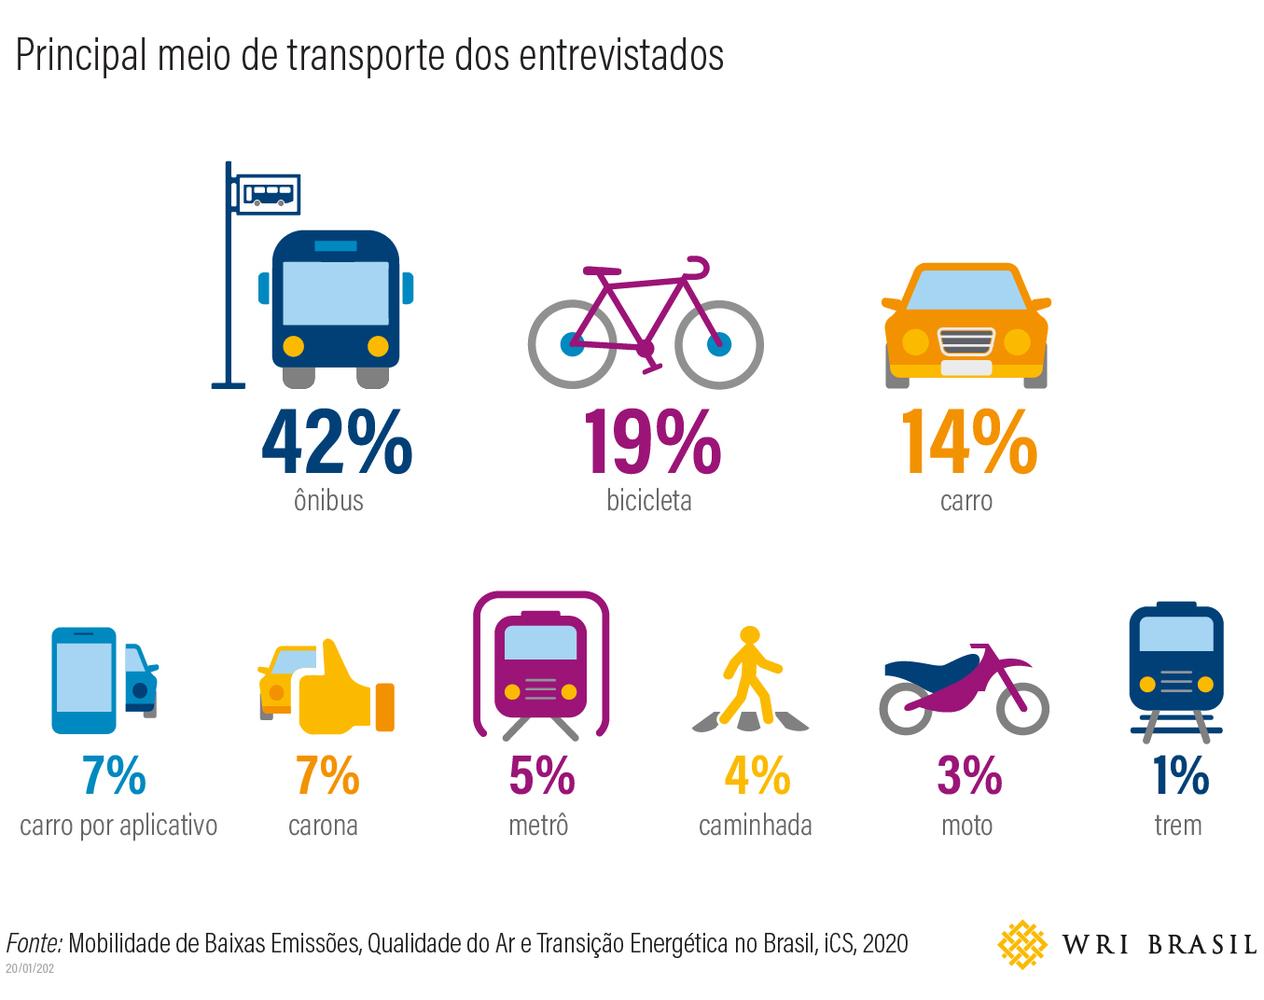 Principal meio de transporte dos entrevistados: ônibus (42%), bicicleta (19%), carro (14%), carro por aplicativo (7%), carona (7%), metrô (5%), caminhada (4%), moto (3%) e trem (1%). Fonte: iCS; WRI (2020).